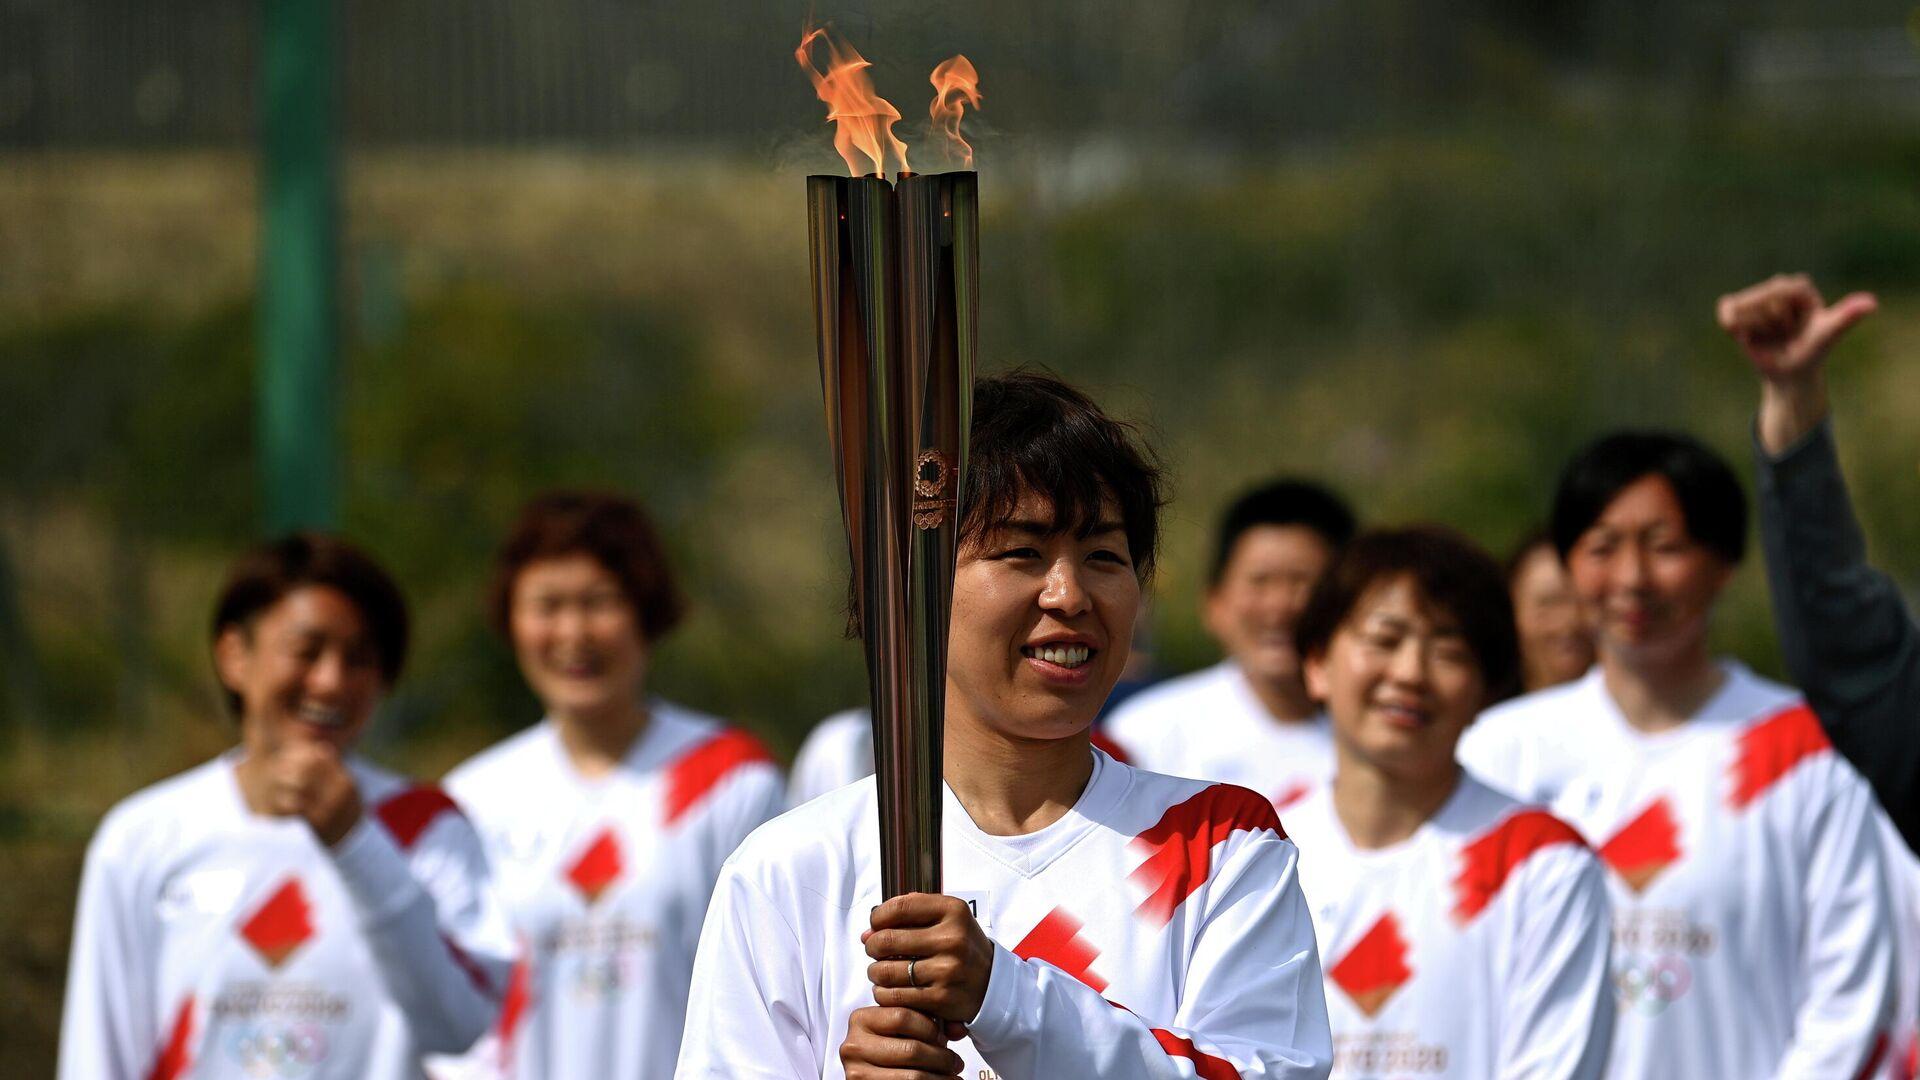 Японский факелоносец Азуса Ивашимицу во время эстафеты Олимпийского огня в Токио - РИА Новости, 1920, 07.04.2021